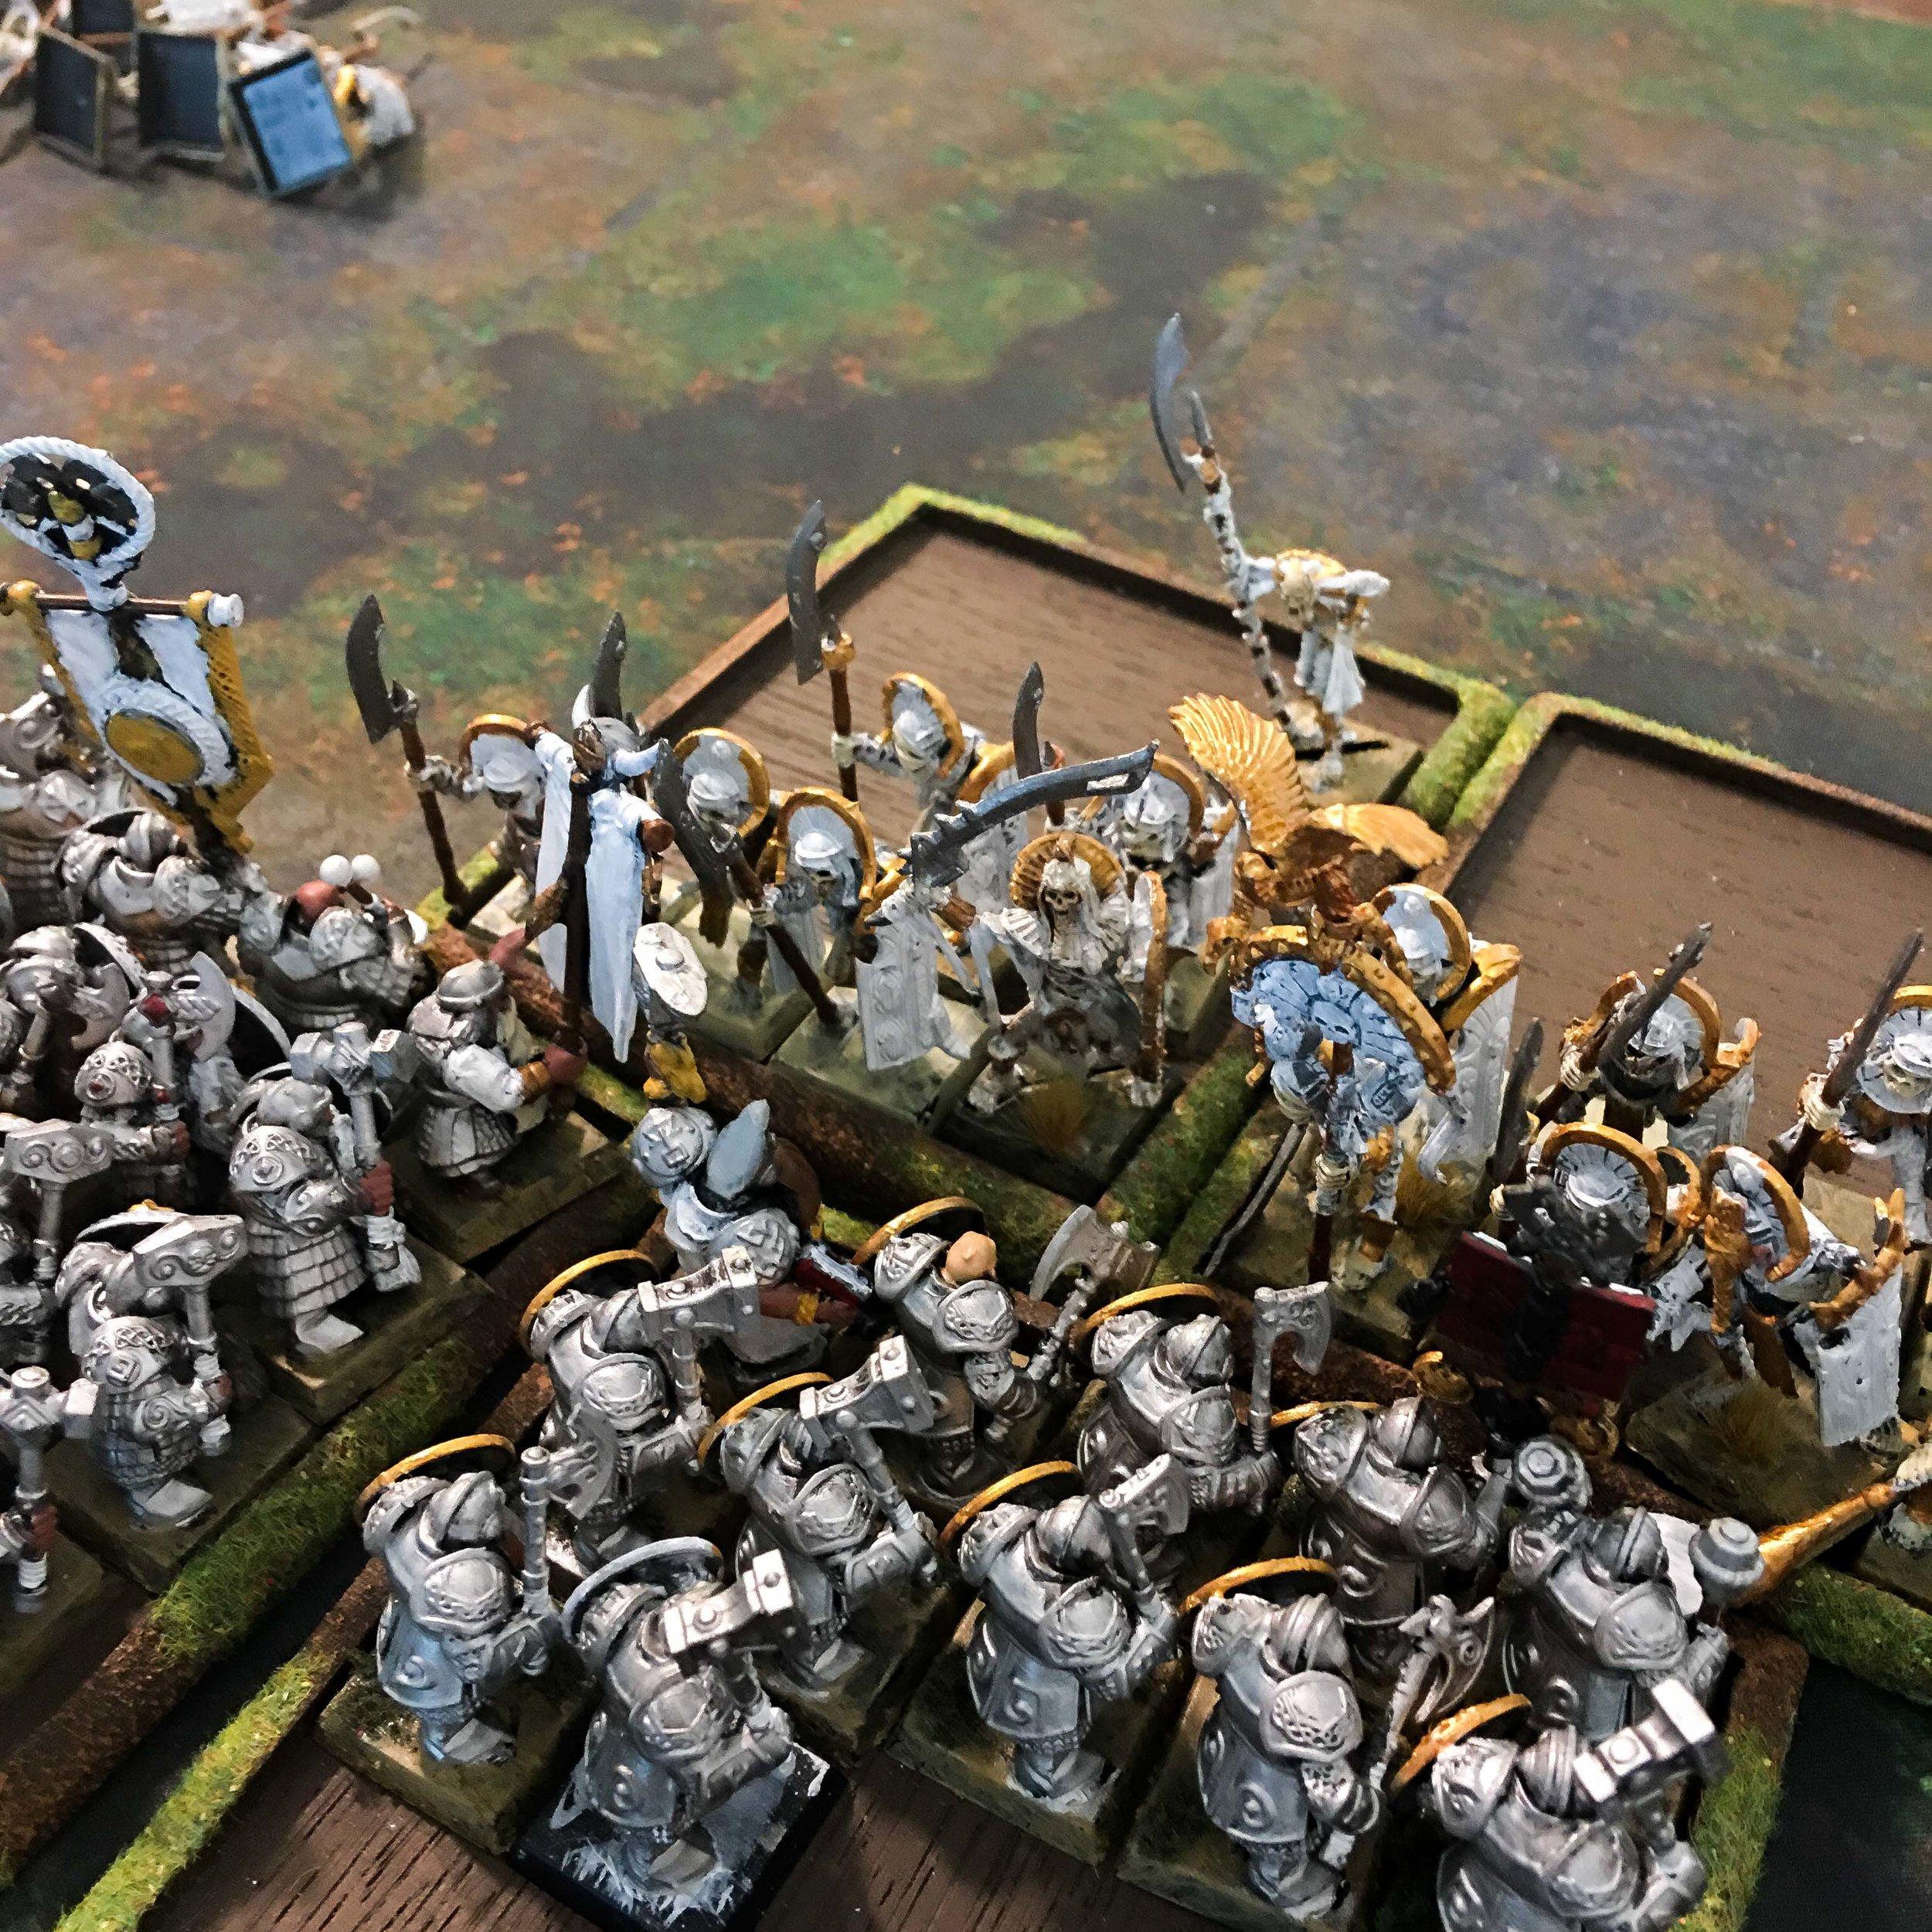 dwarfs-tomb-kings-final-combat